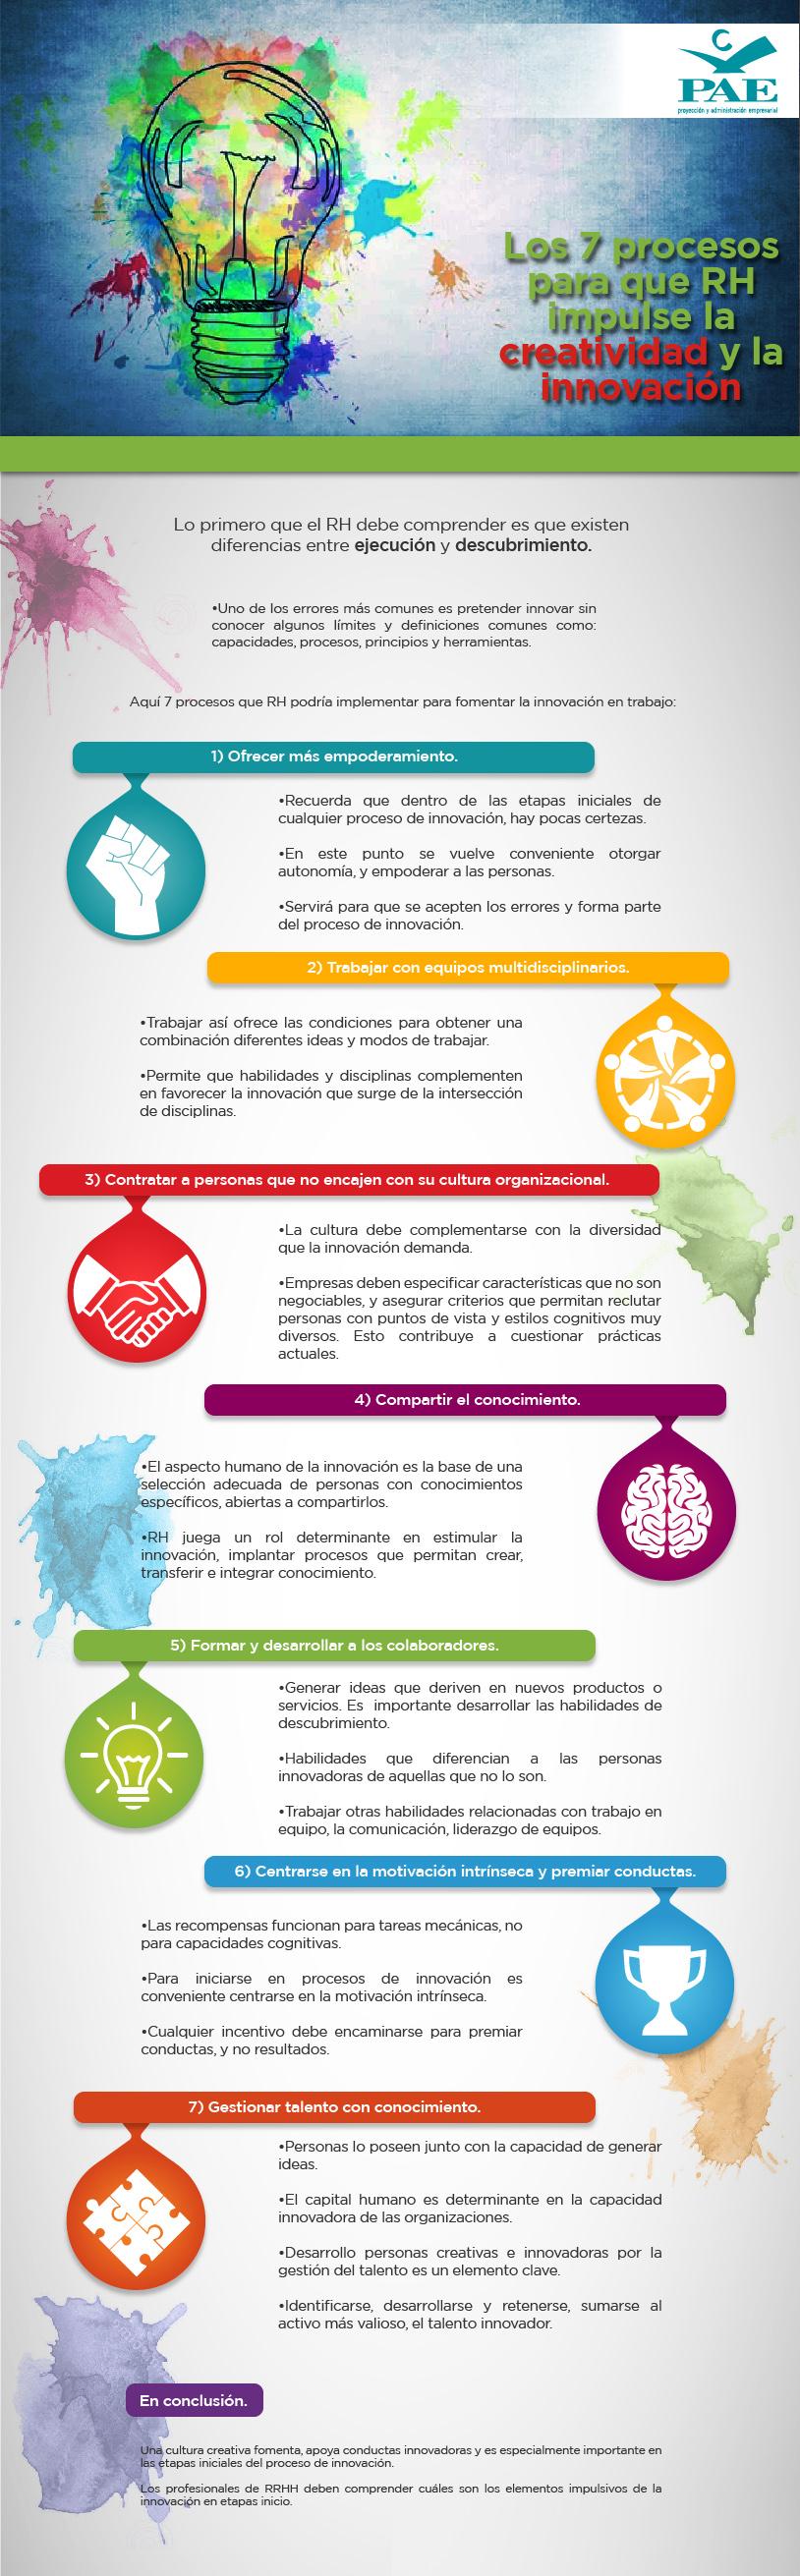 #PAEMX Los 7 procesos para que RH impulse la creatividad y la innovación